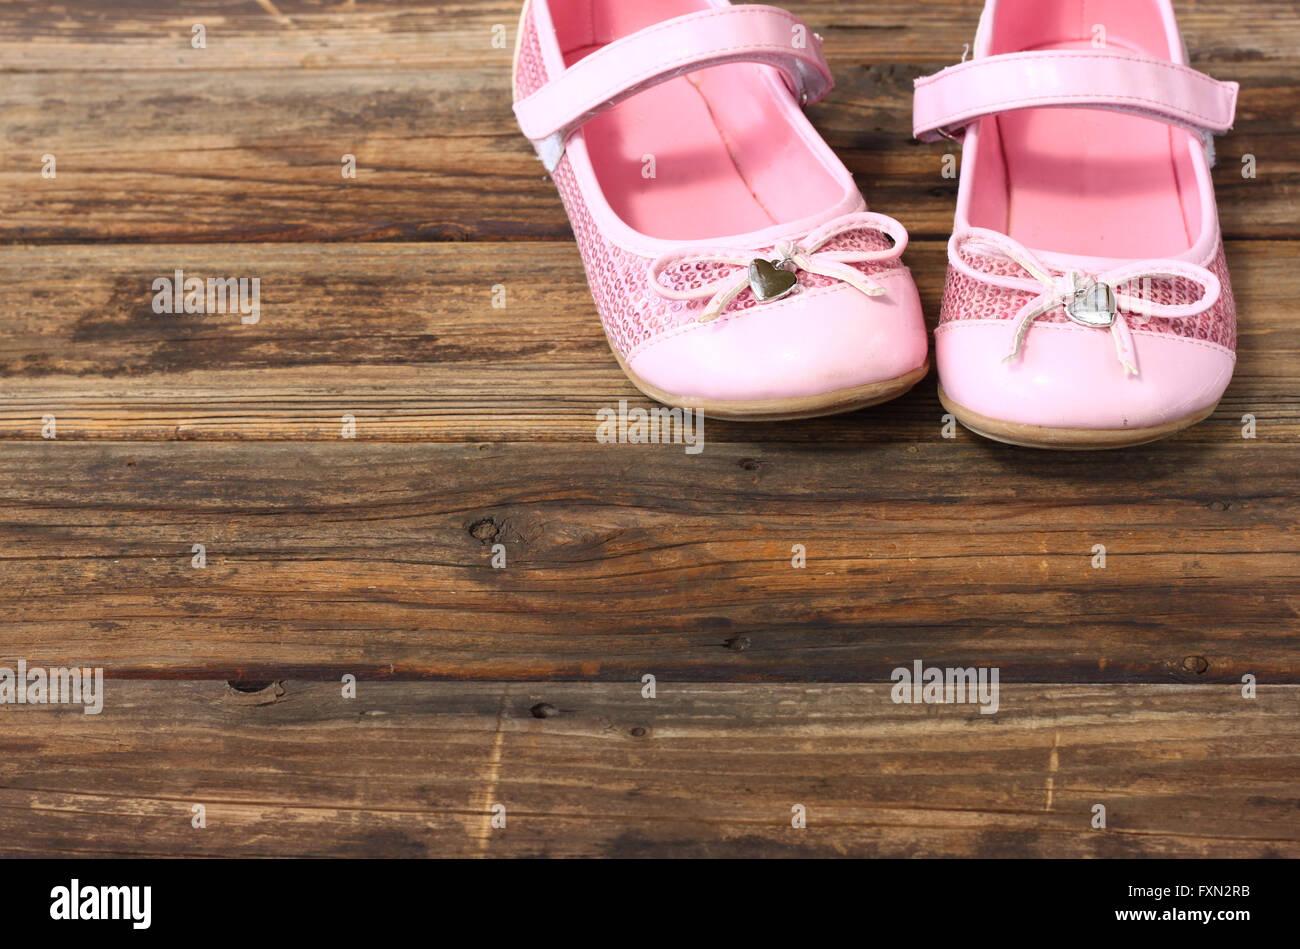 Chaussures fille sur terrasse en bois-de-chaussée. Photo Stock